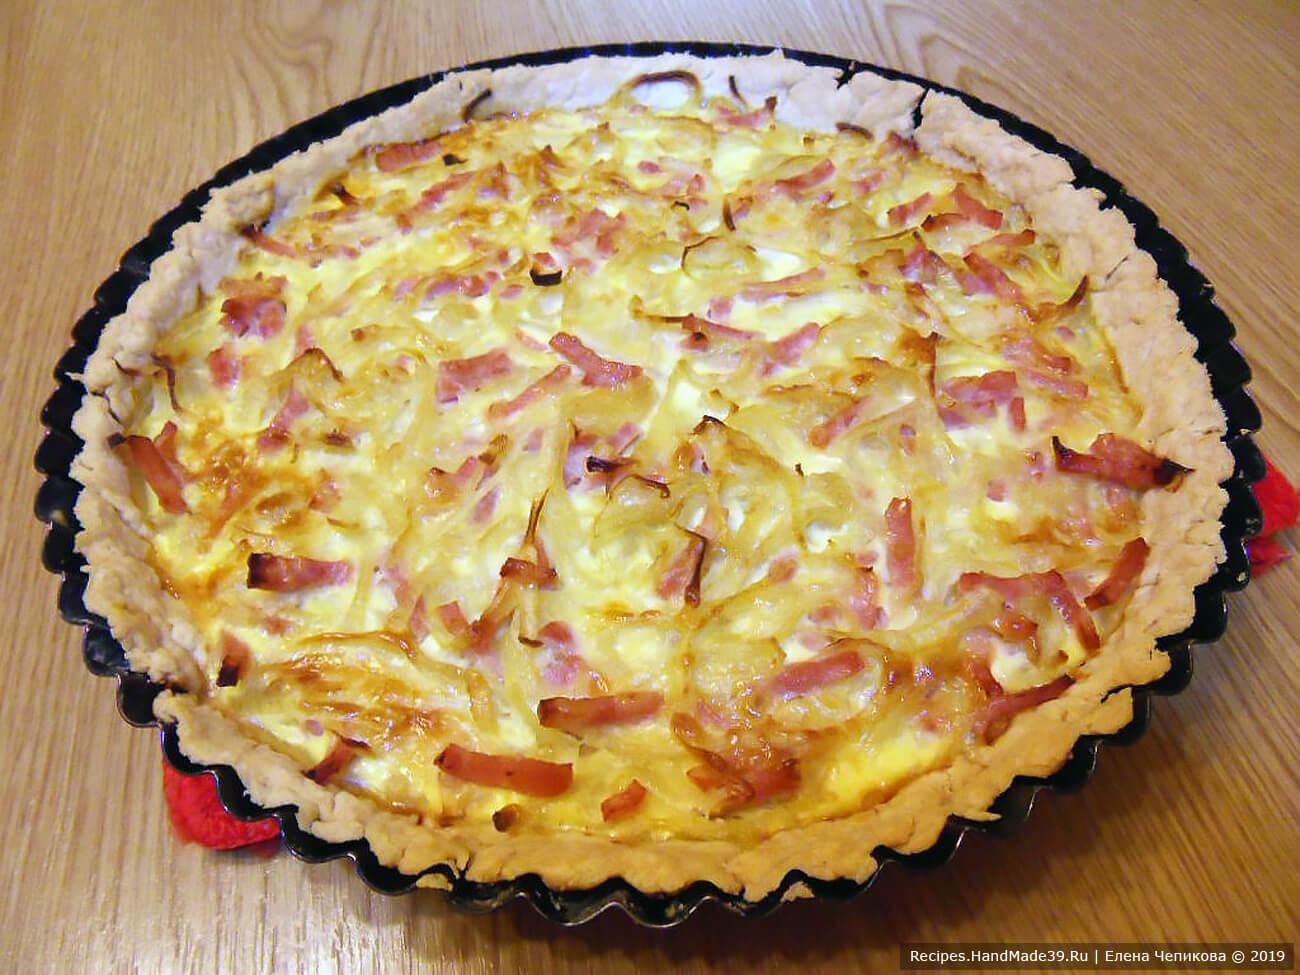 Французский луковый пирог – фото шаг 13. Пирог запекать 40 минут в духовке, предварительно разогретой до температуры 180 °C. Приятного аппетита!